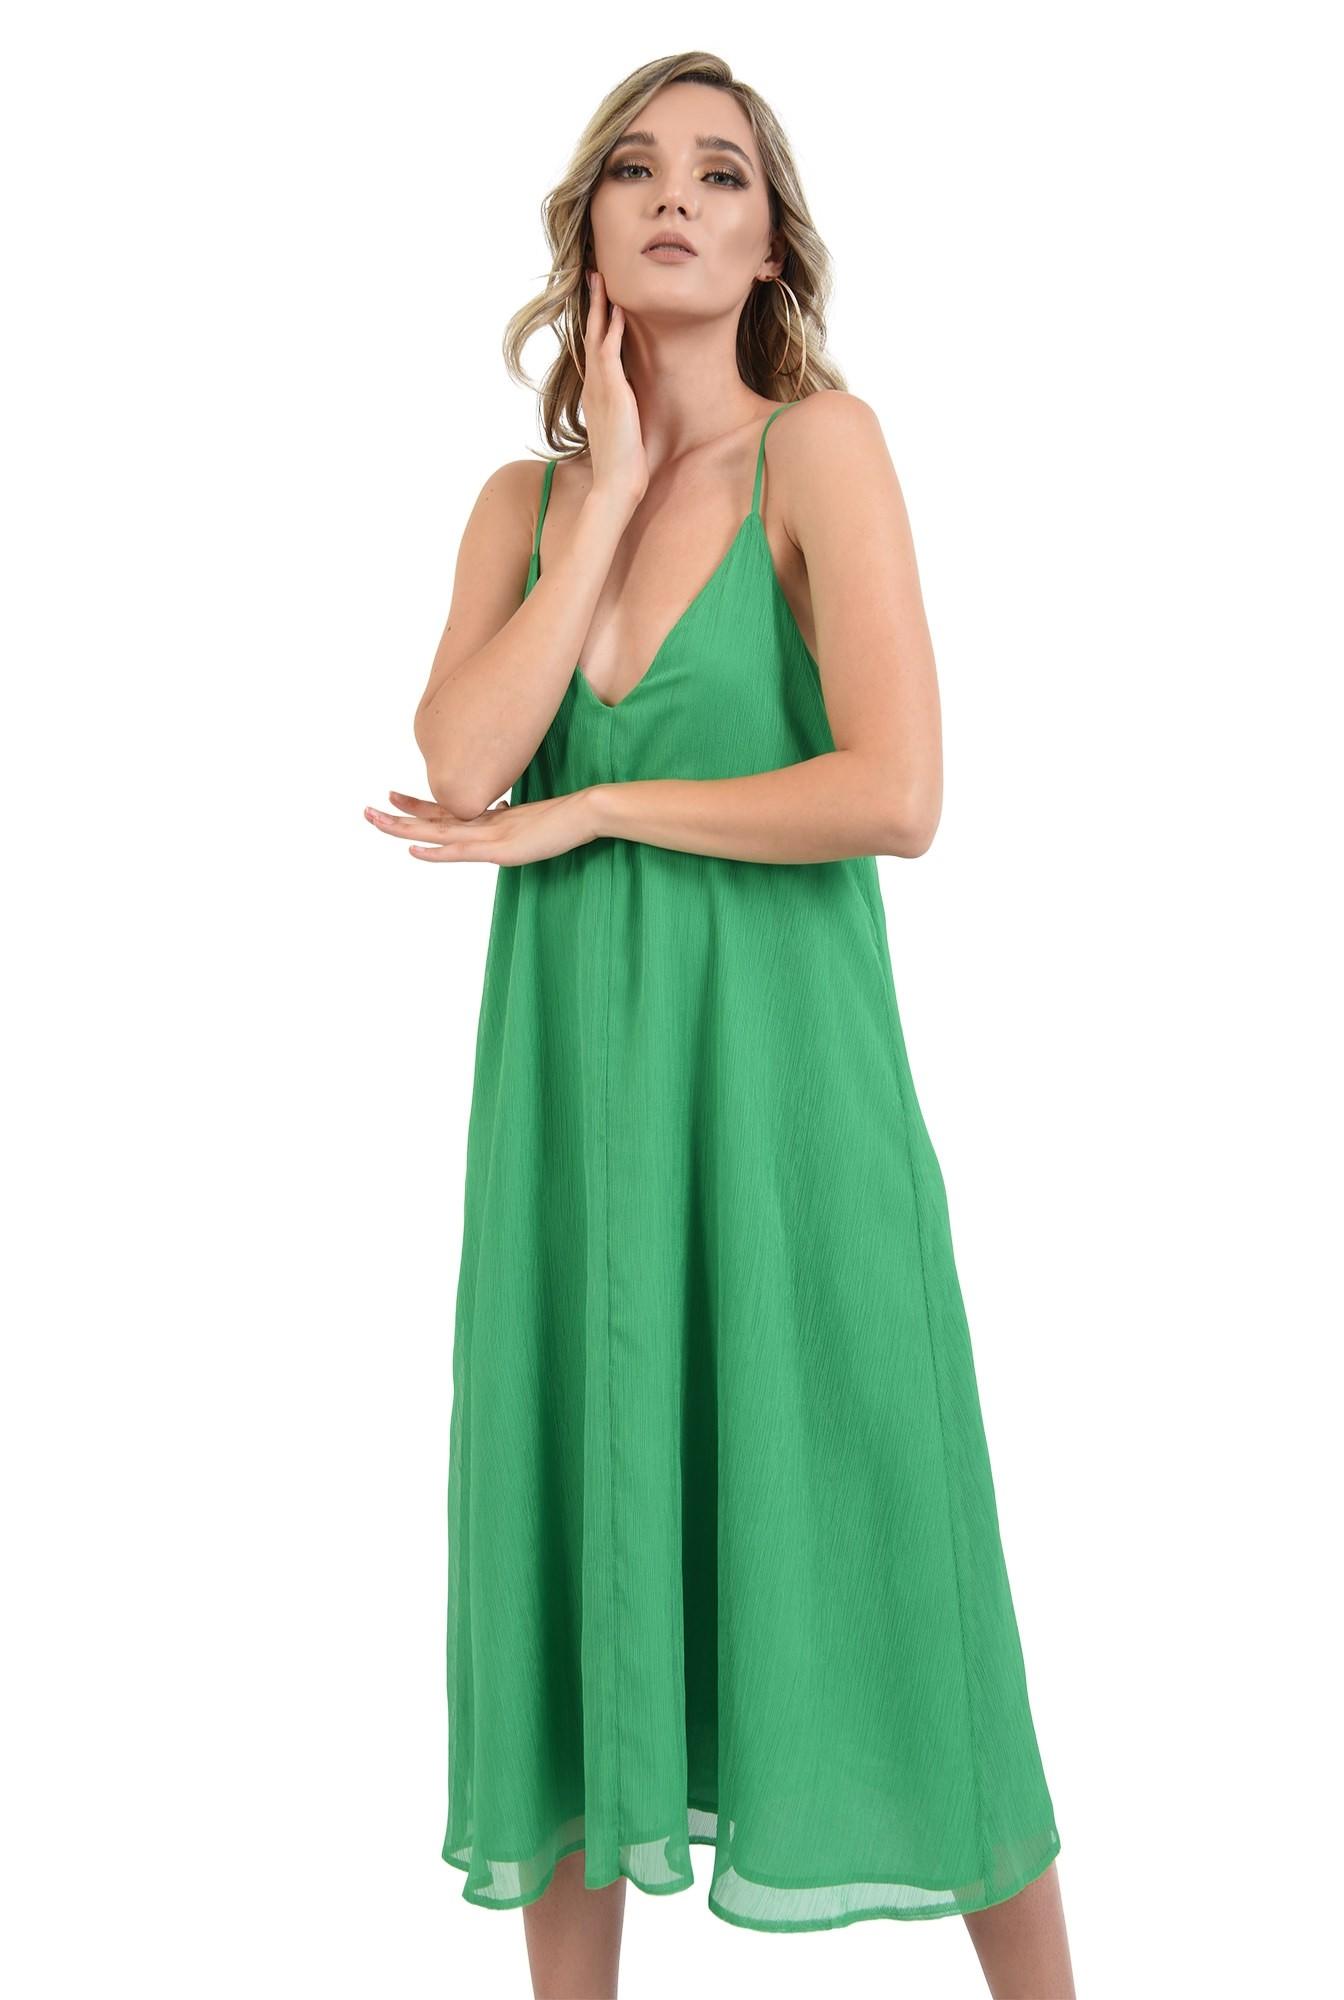 360 - rochie midi, tip furou, verde, Poema